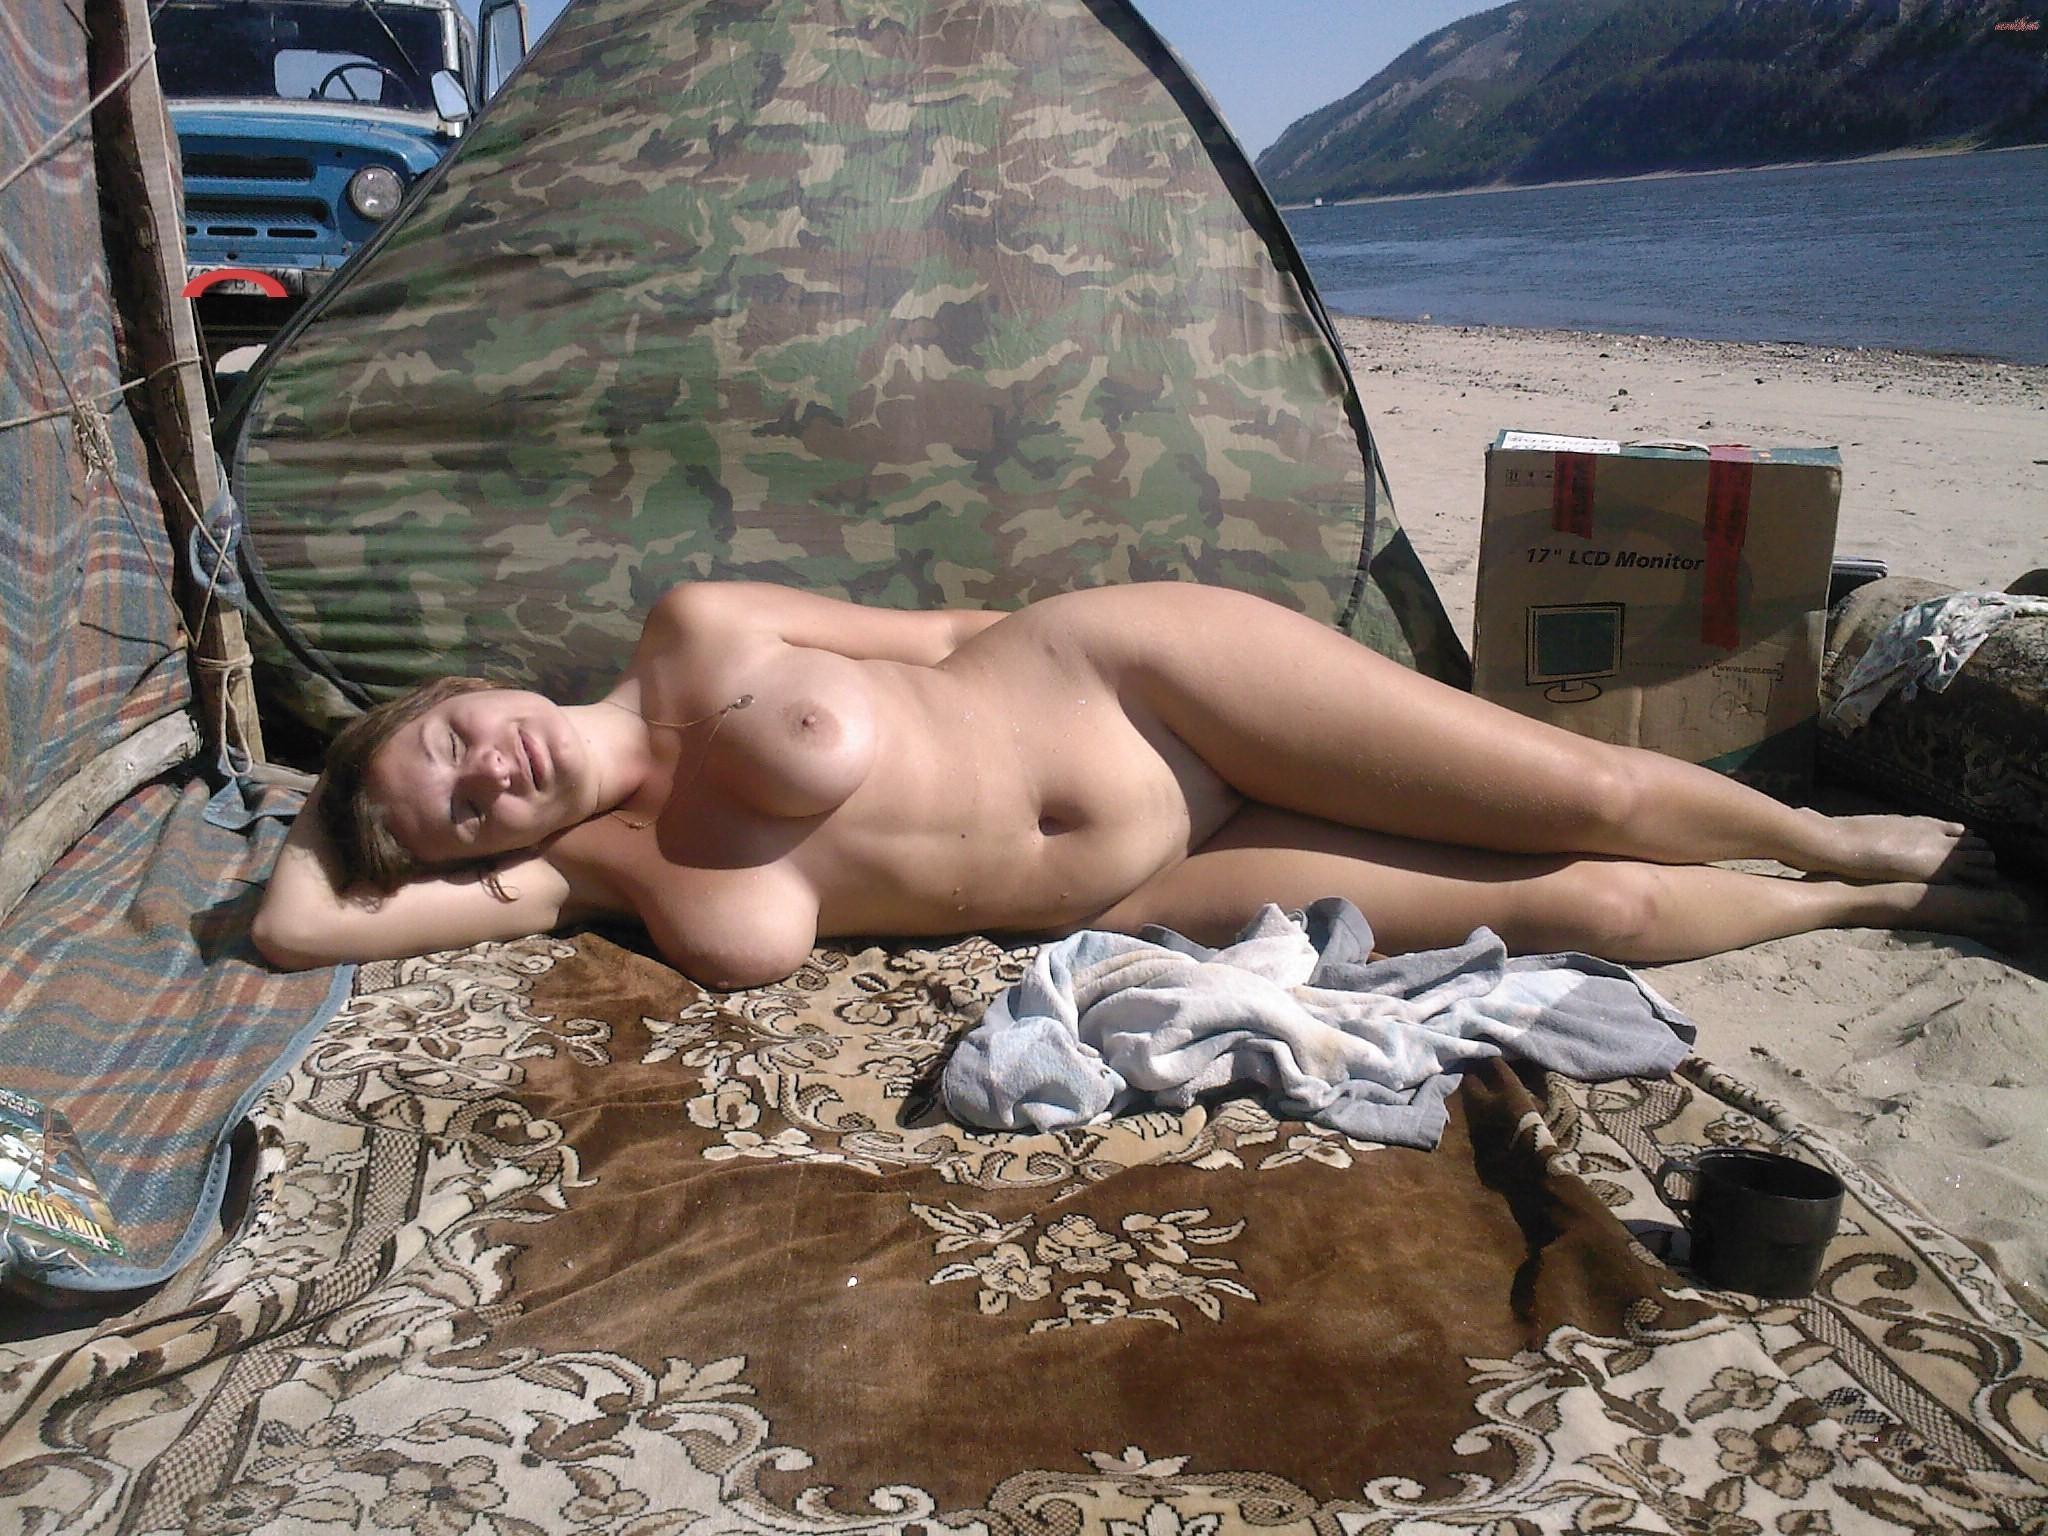 Фото голых теток украинки 55 лет 26 фотография